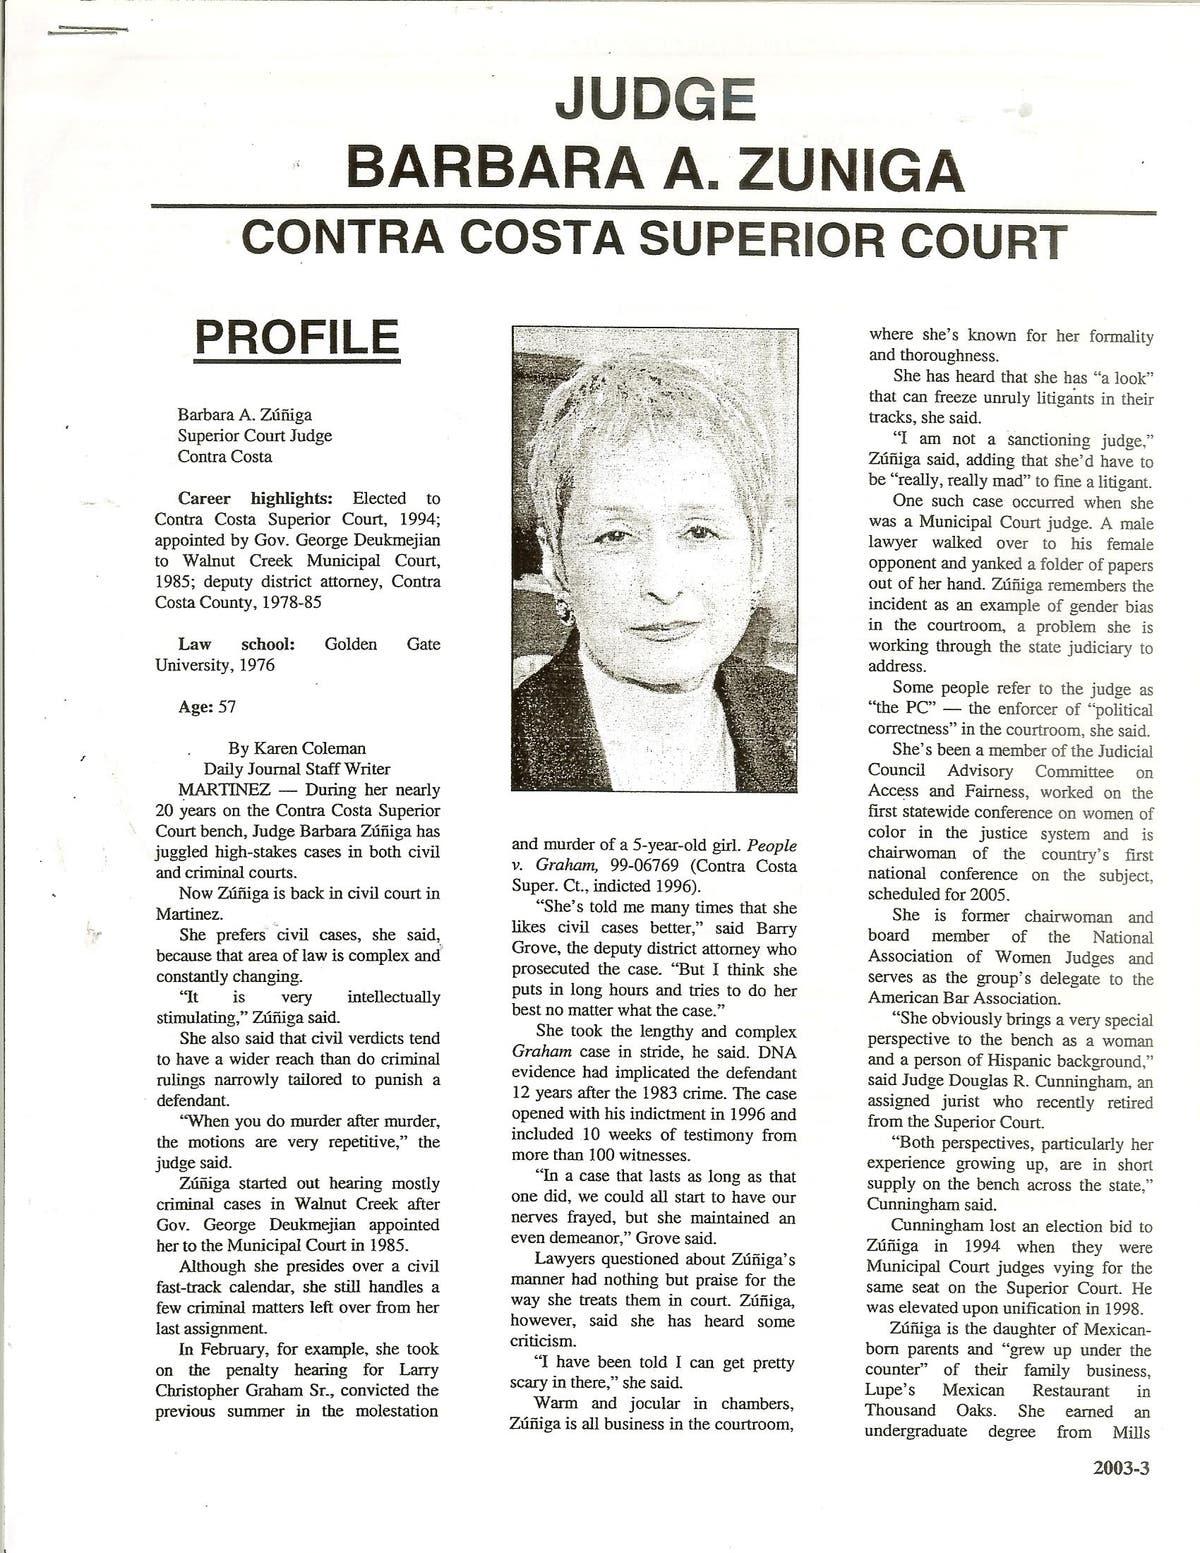 Judges practice their Catholic upbringing in Court: A Cruel